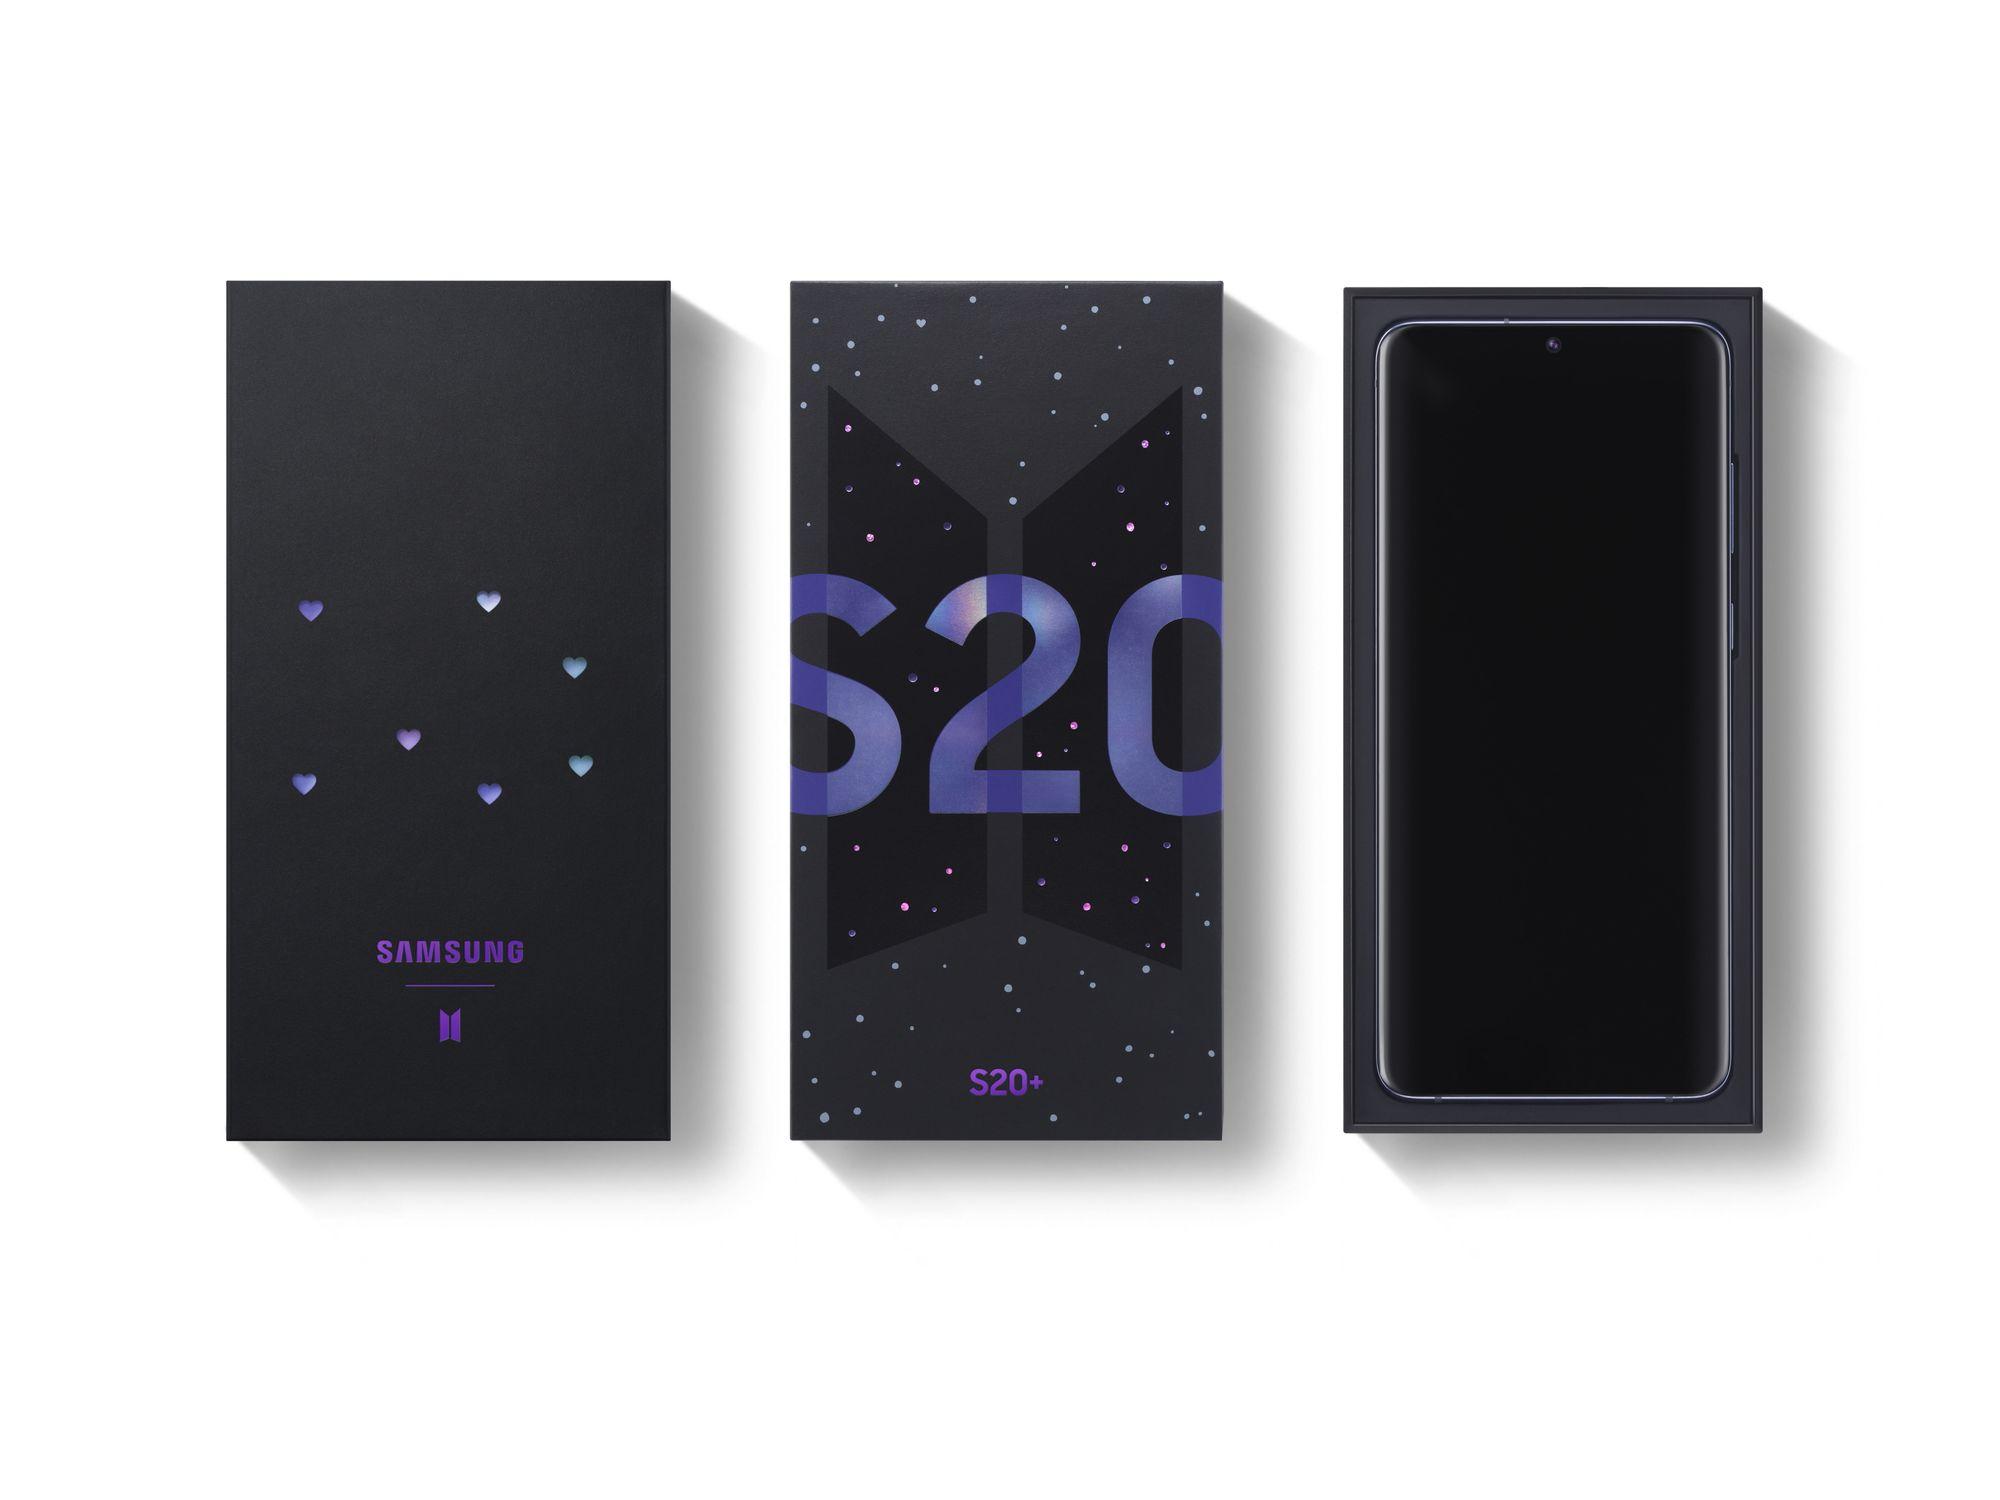 Caixa do Galaxy S20+ BTS Edition. (Imagem: Divulgação/Samsung)